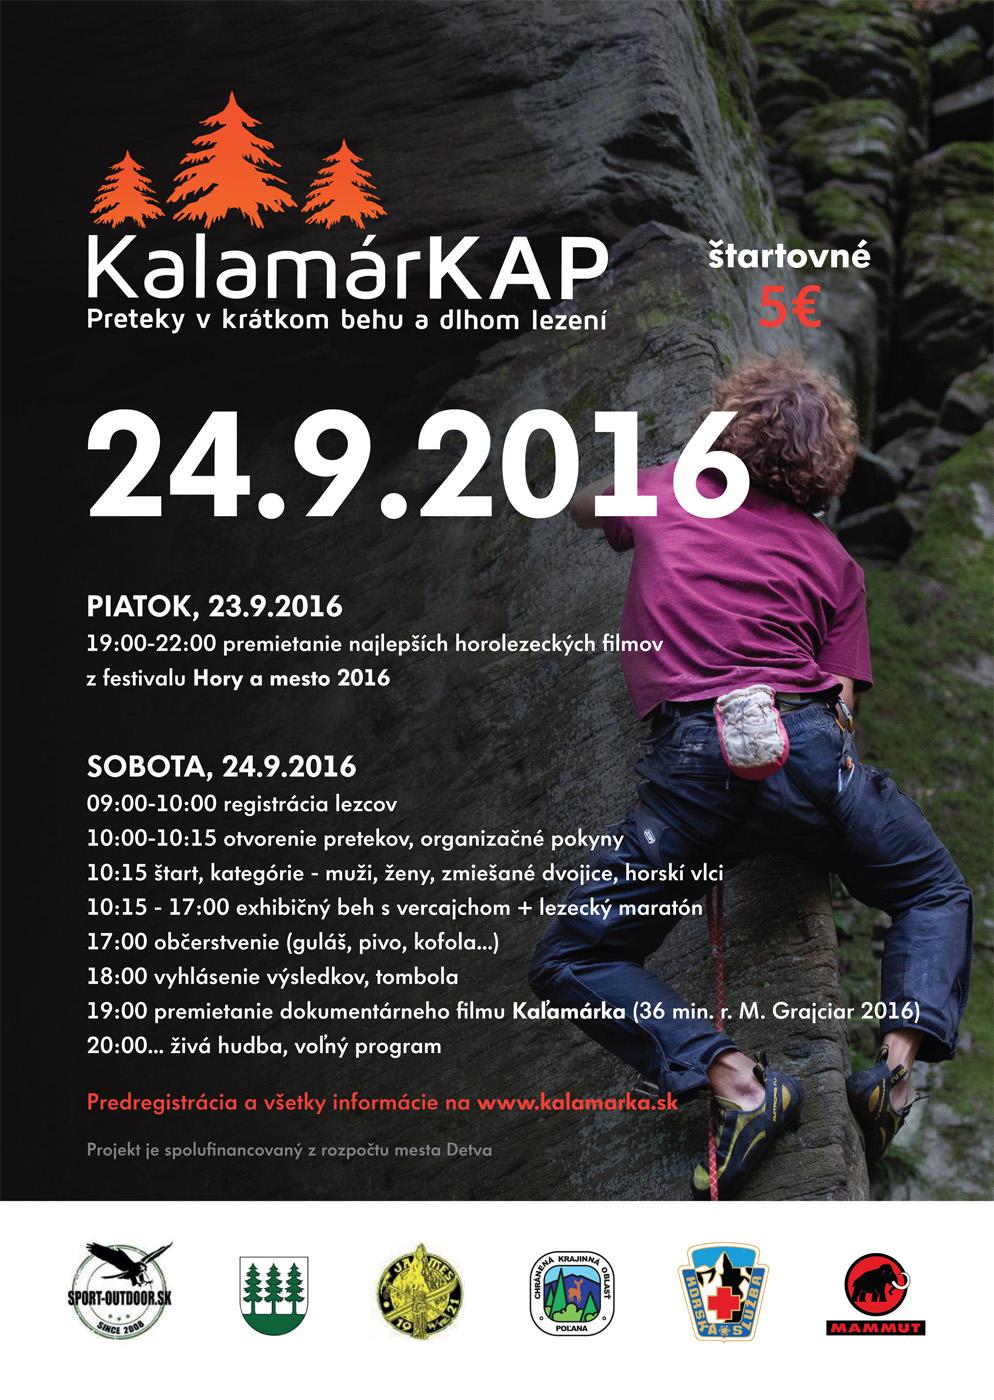 Expresky z hôr 29, KalamárKAP 2016, zdroj: kalamarka.sk